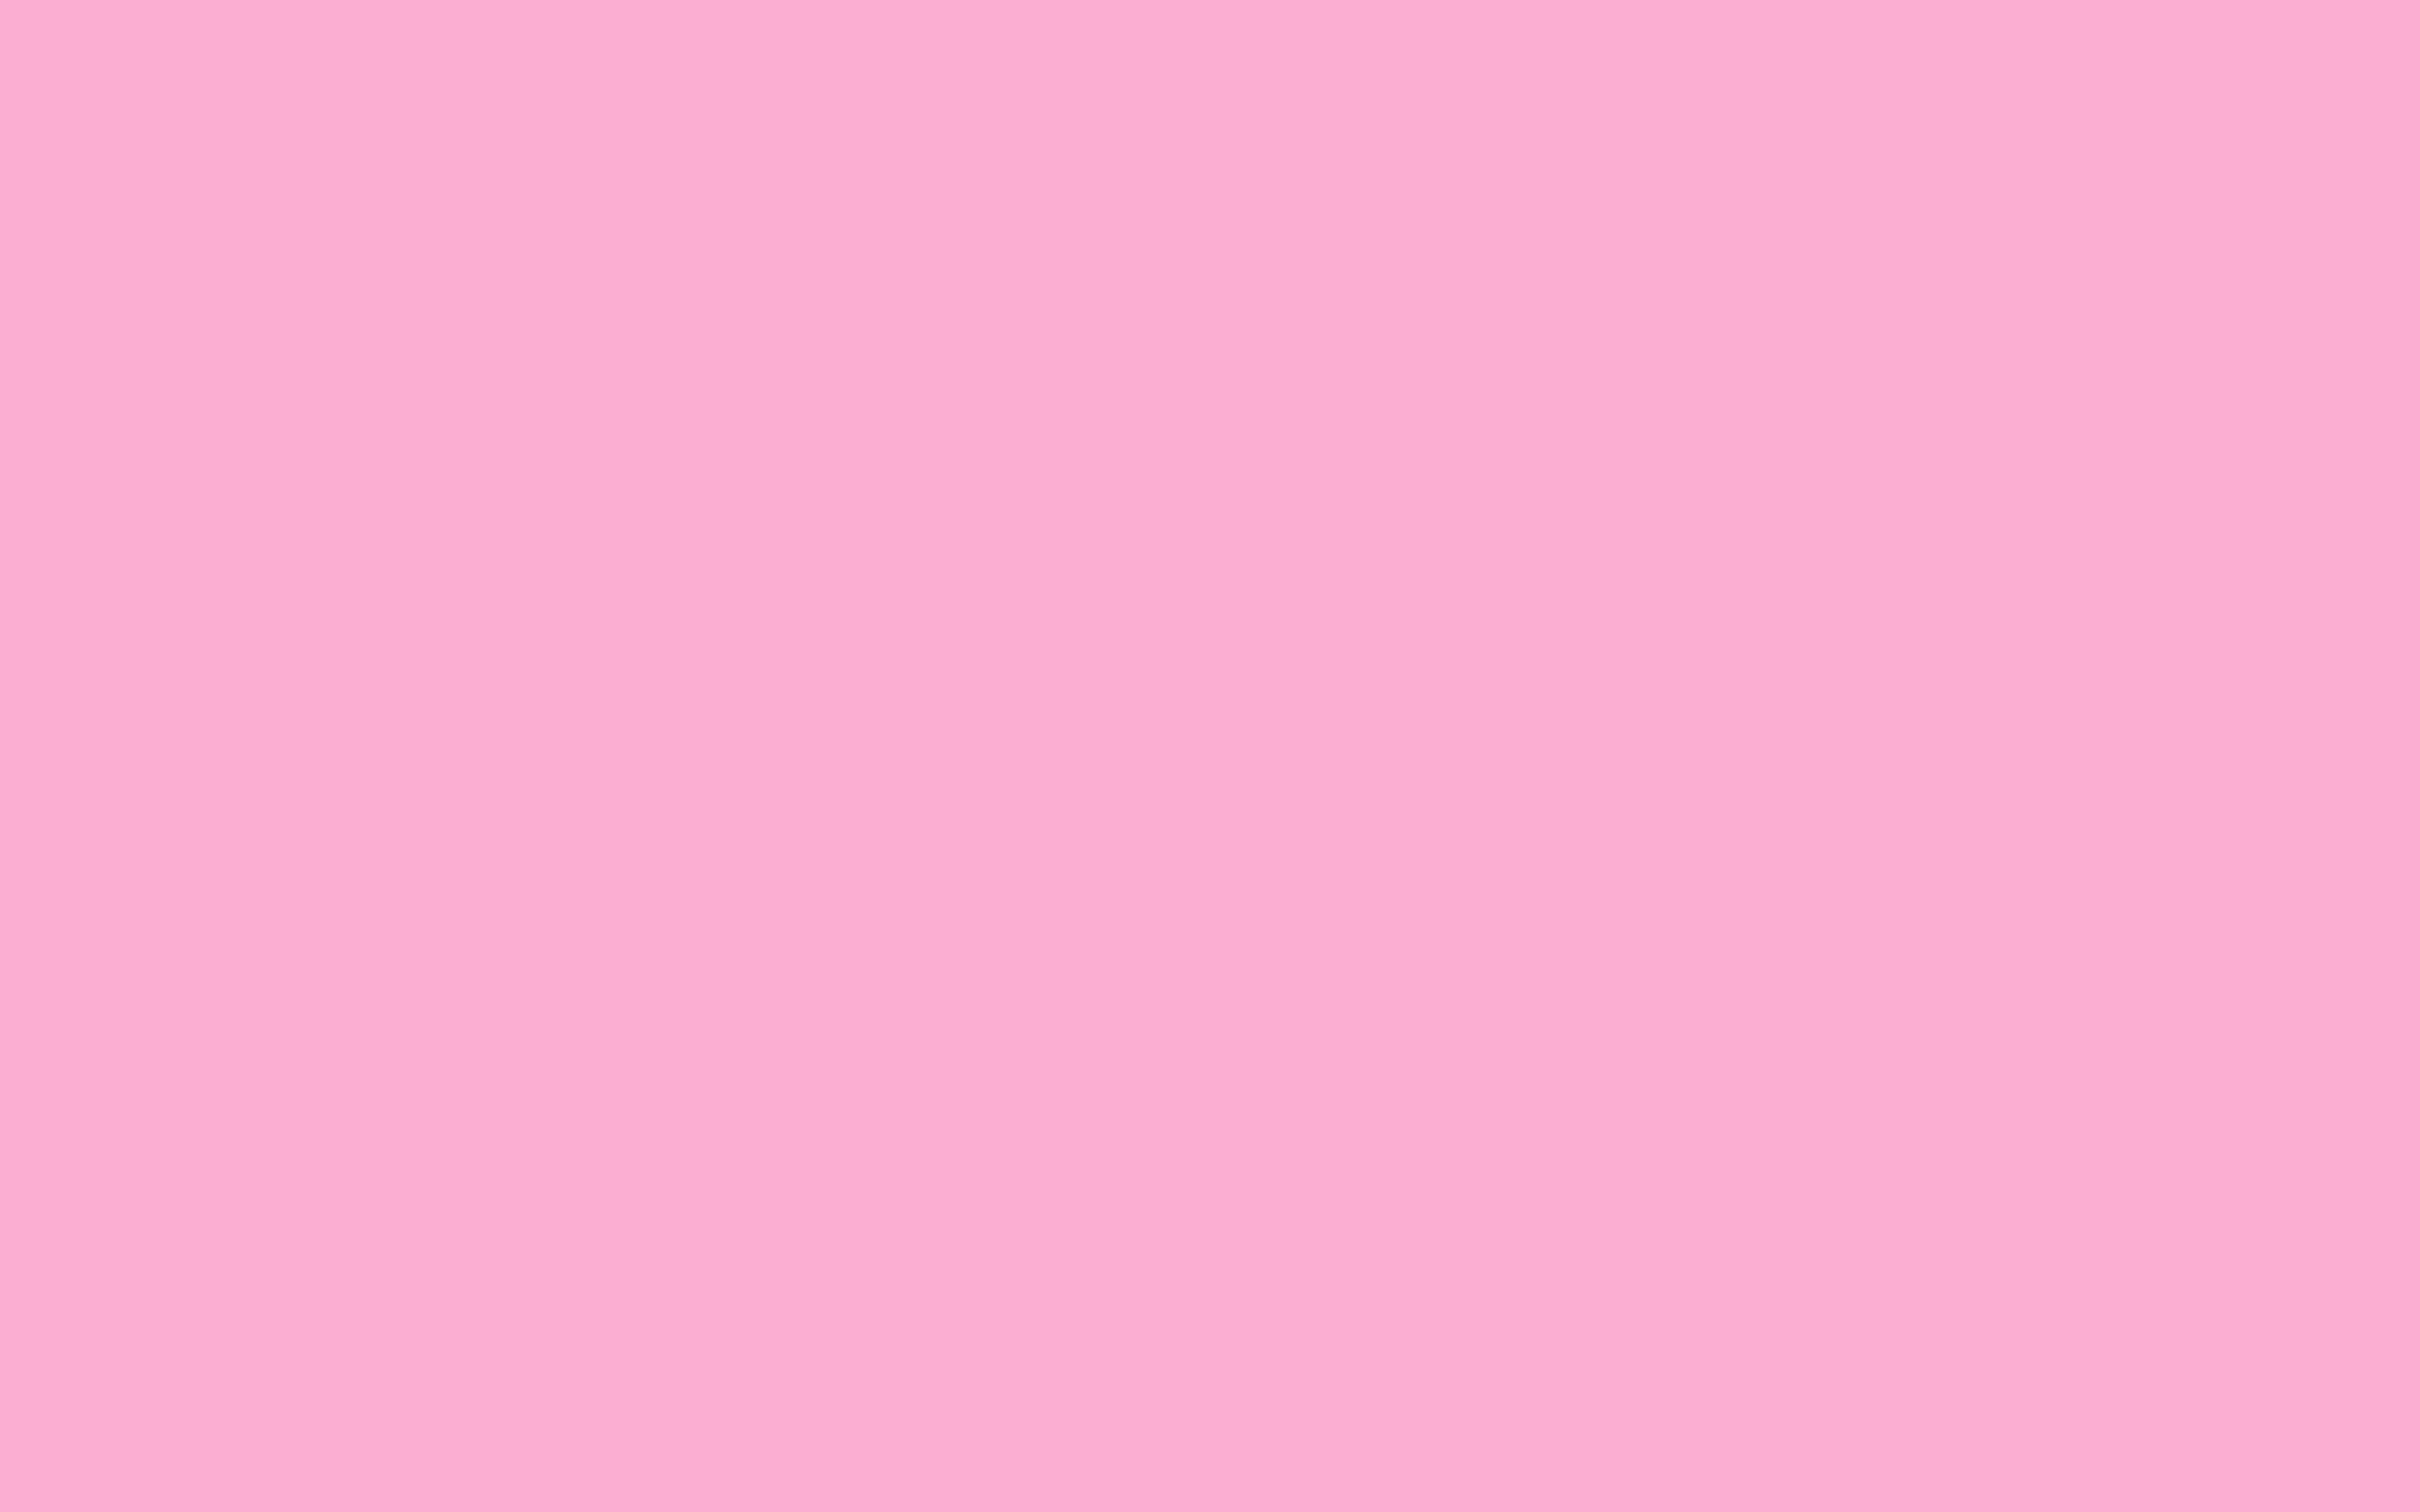 2560x1600 Lavender Pink Solid Color Background